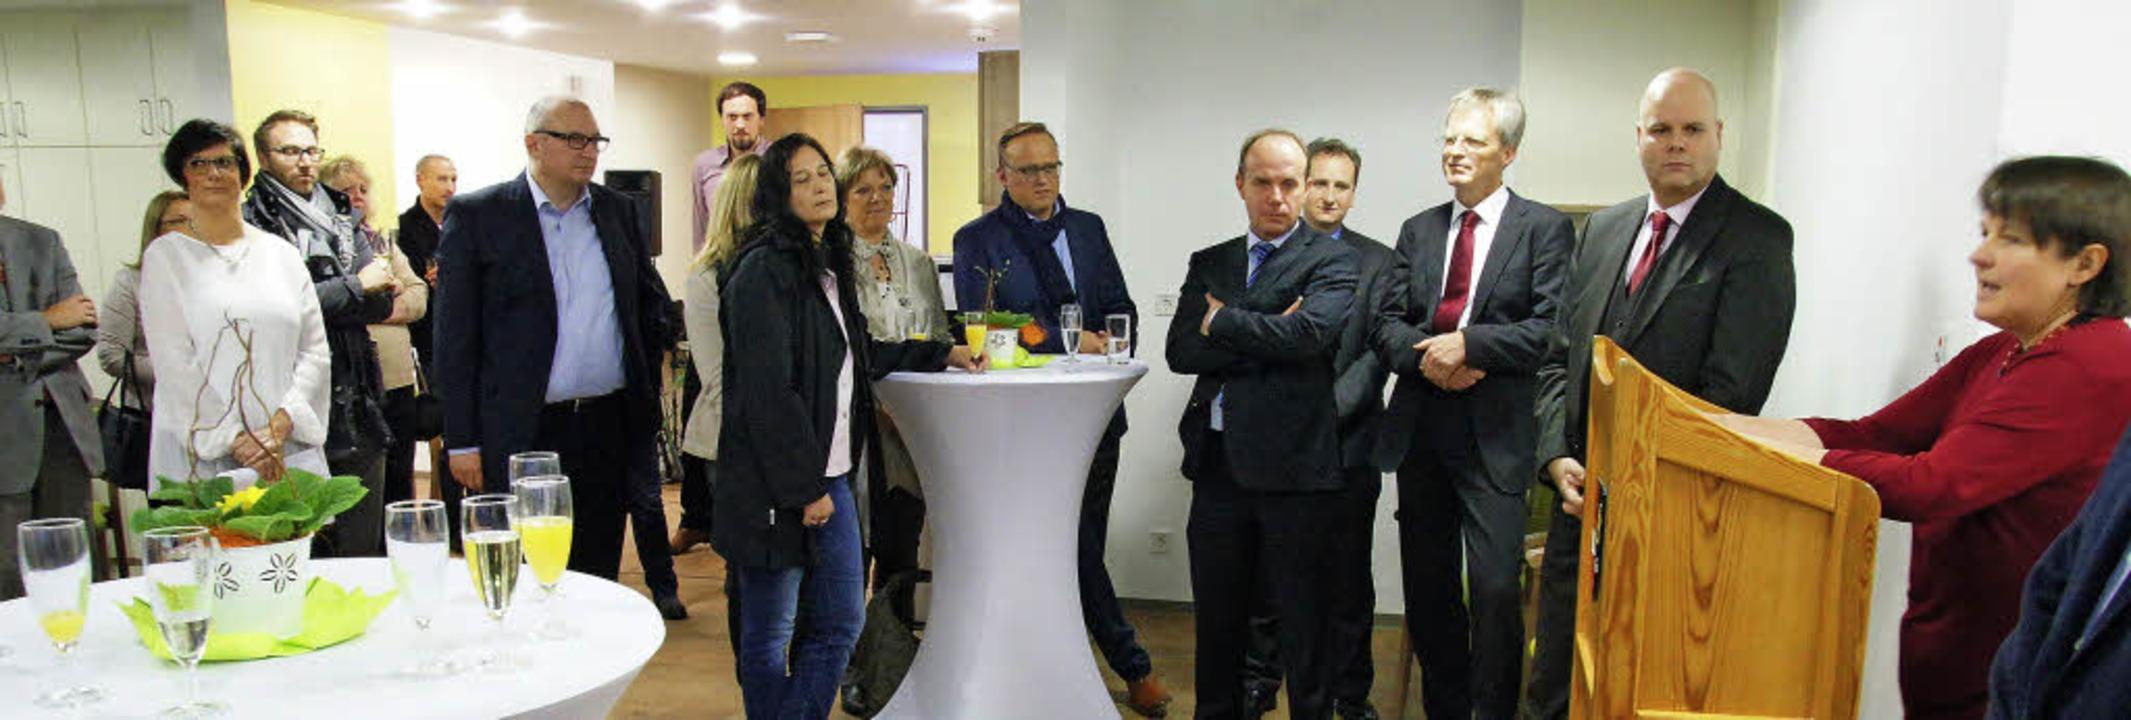 Einweihung im Generationenhaus Rheinha... Der Start wurde mit  Gästen gefeiert.  | Foto: Hüge